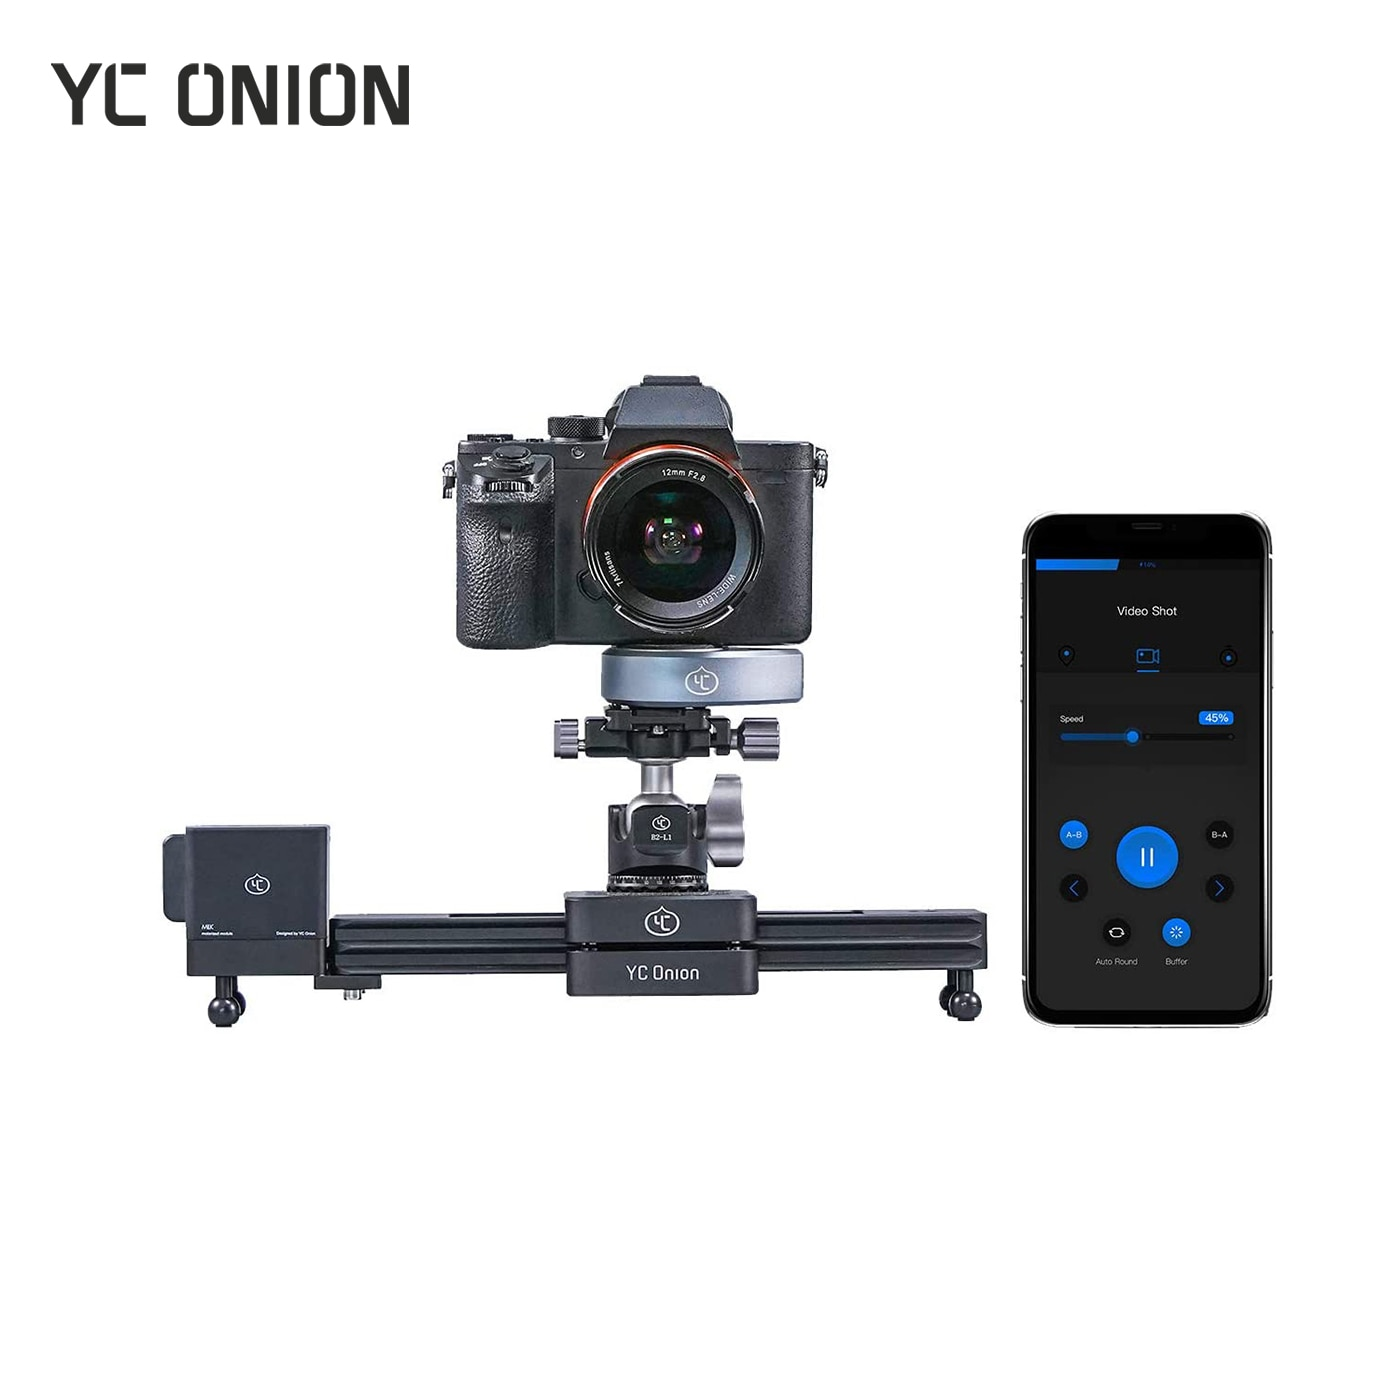 كاميرا YC على شكل بصل وشوكولاتة وحليب ، كاميرا صغيرة متزلج مزودة بتطبيق تحكم قابل للسحب ، كاميرا فيديو DSLR محمولة ، كاميرا تصوير ، كاميرا GoPro لل...